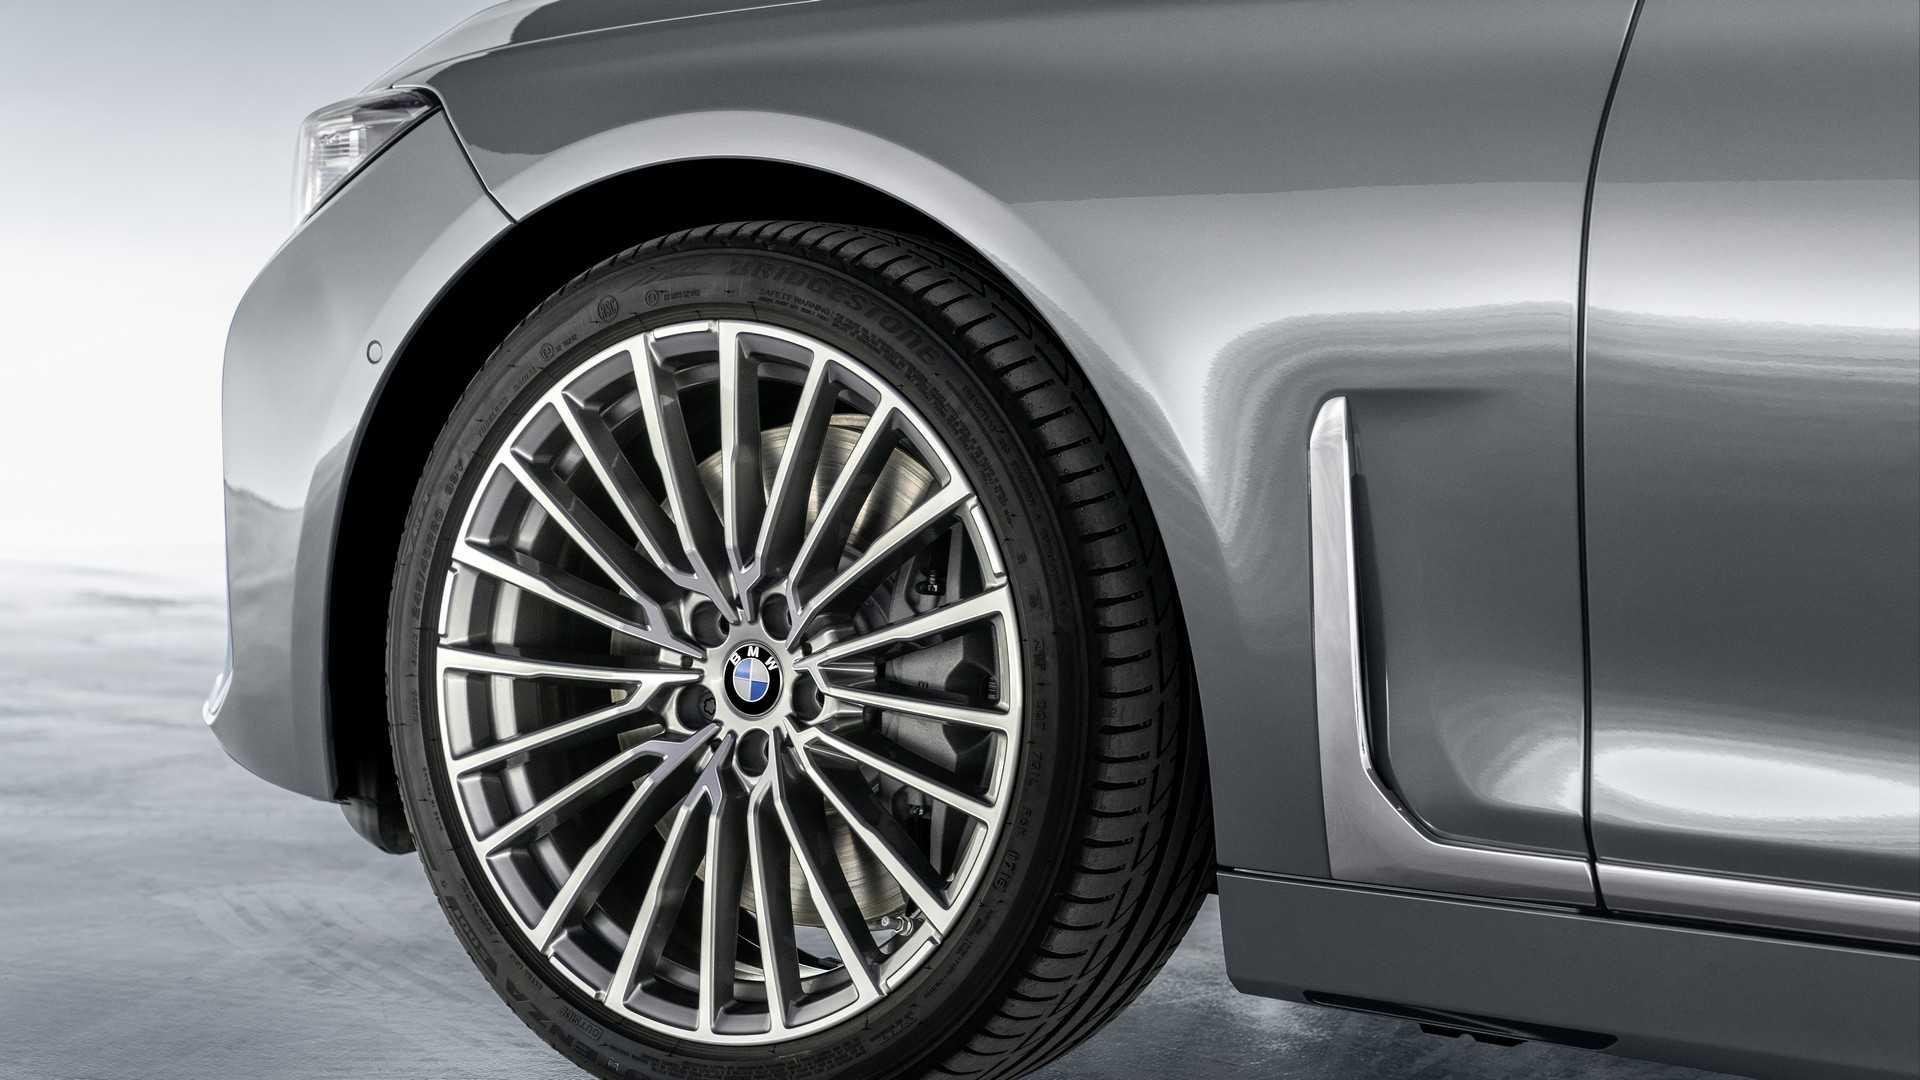 BMW 7 Series thế hệ mới sẽ có thêm bản chạy điện hoàn toàn - 16